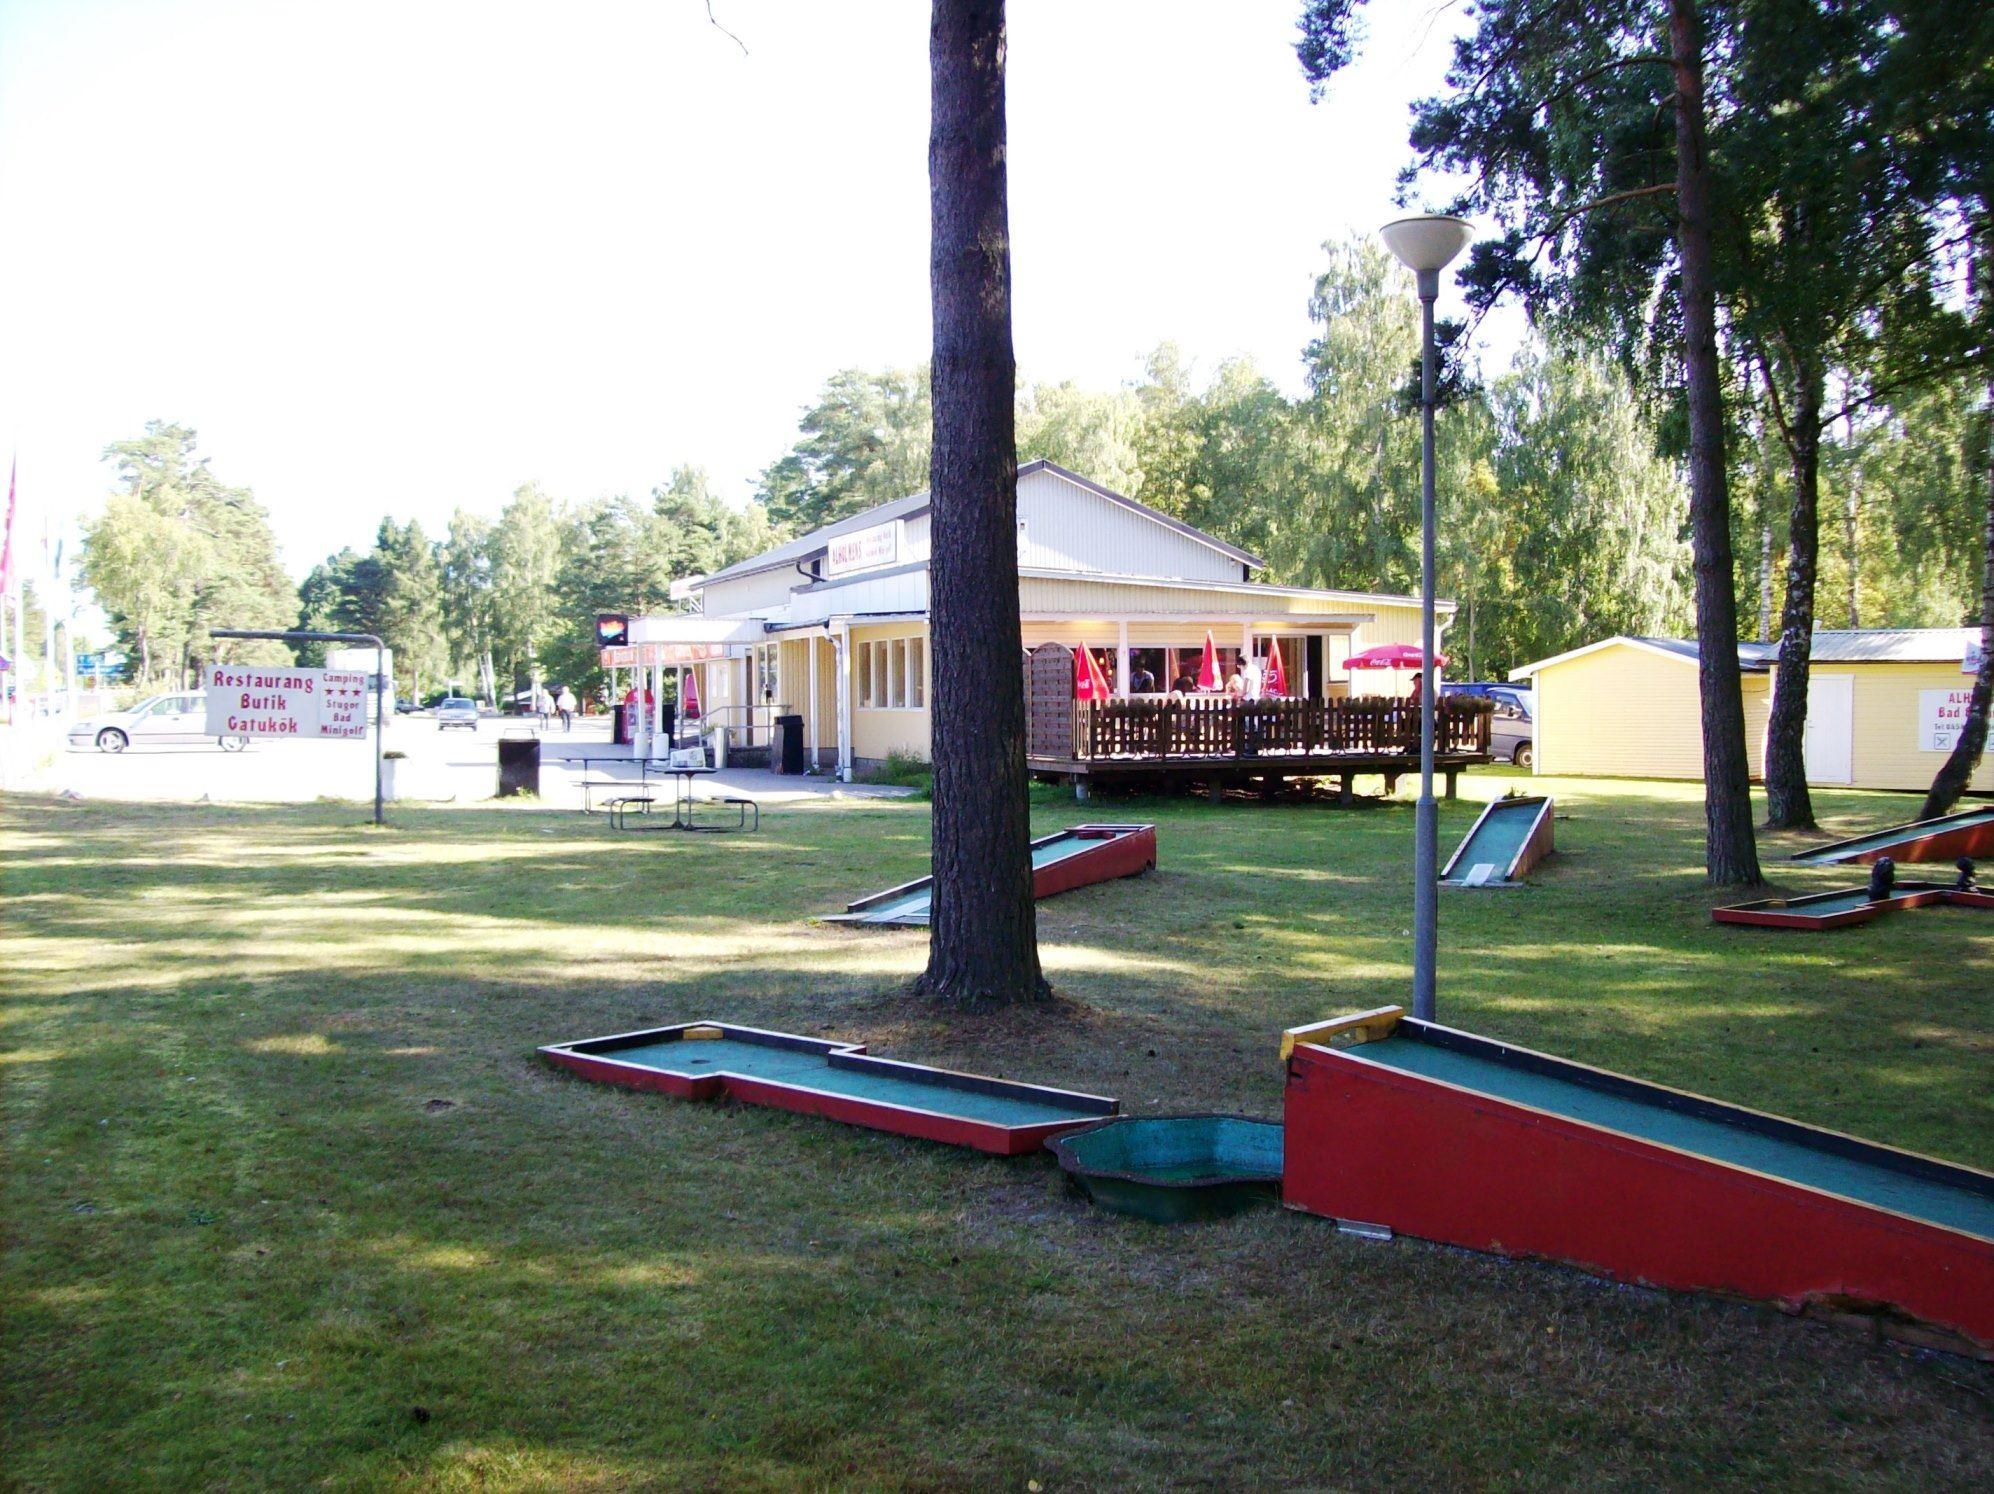 Fussball Golf - Alholmens Camping